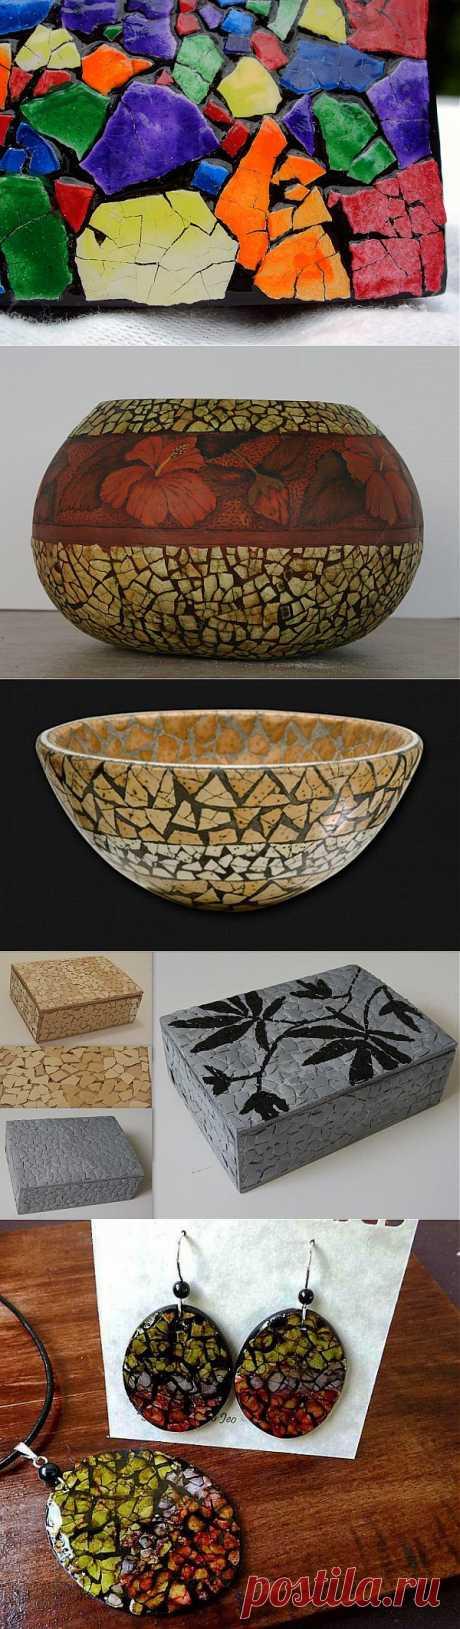 Мозаика из яичной скорлупы: удивительная красота из самого дешёвого материала